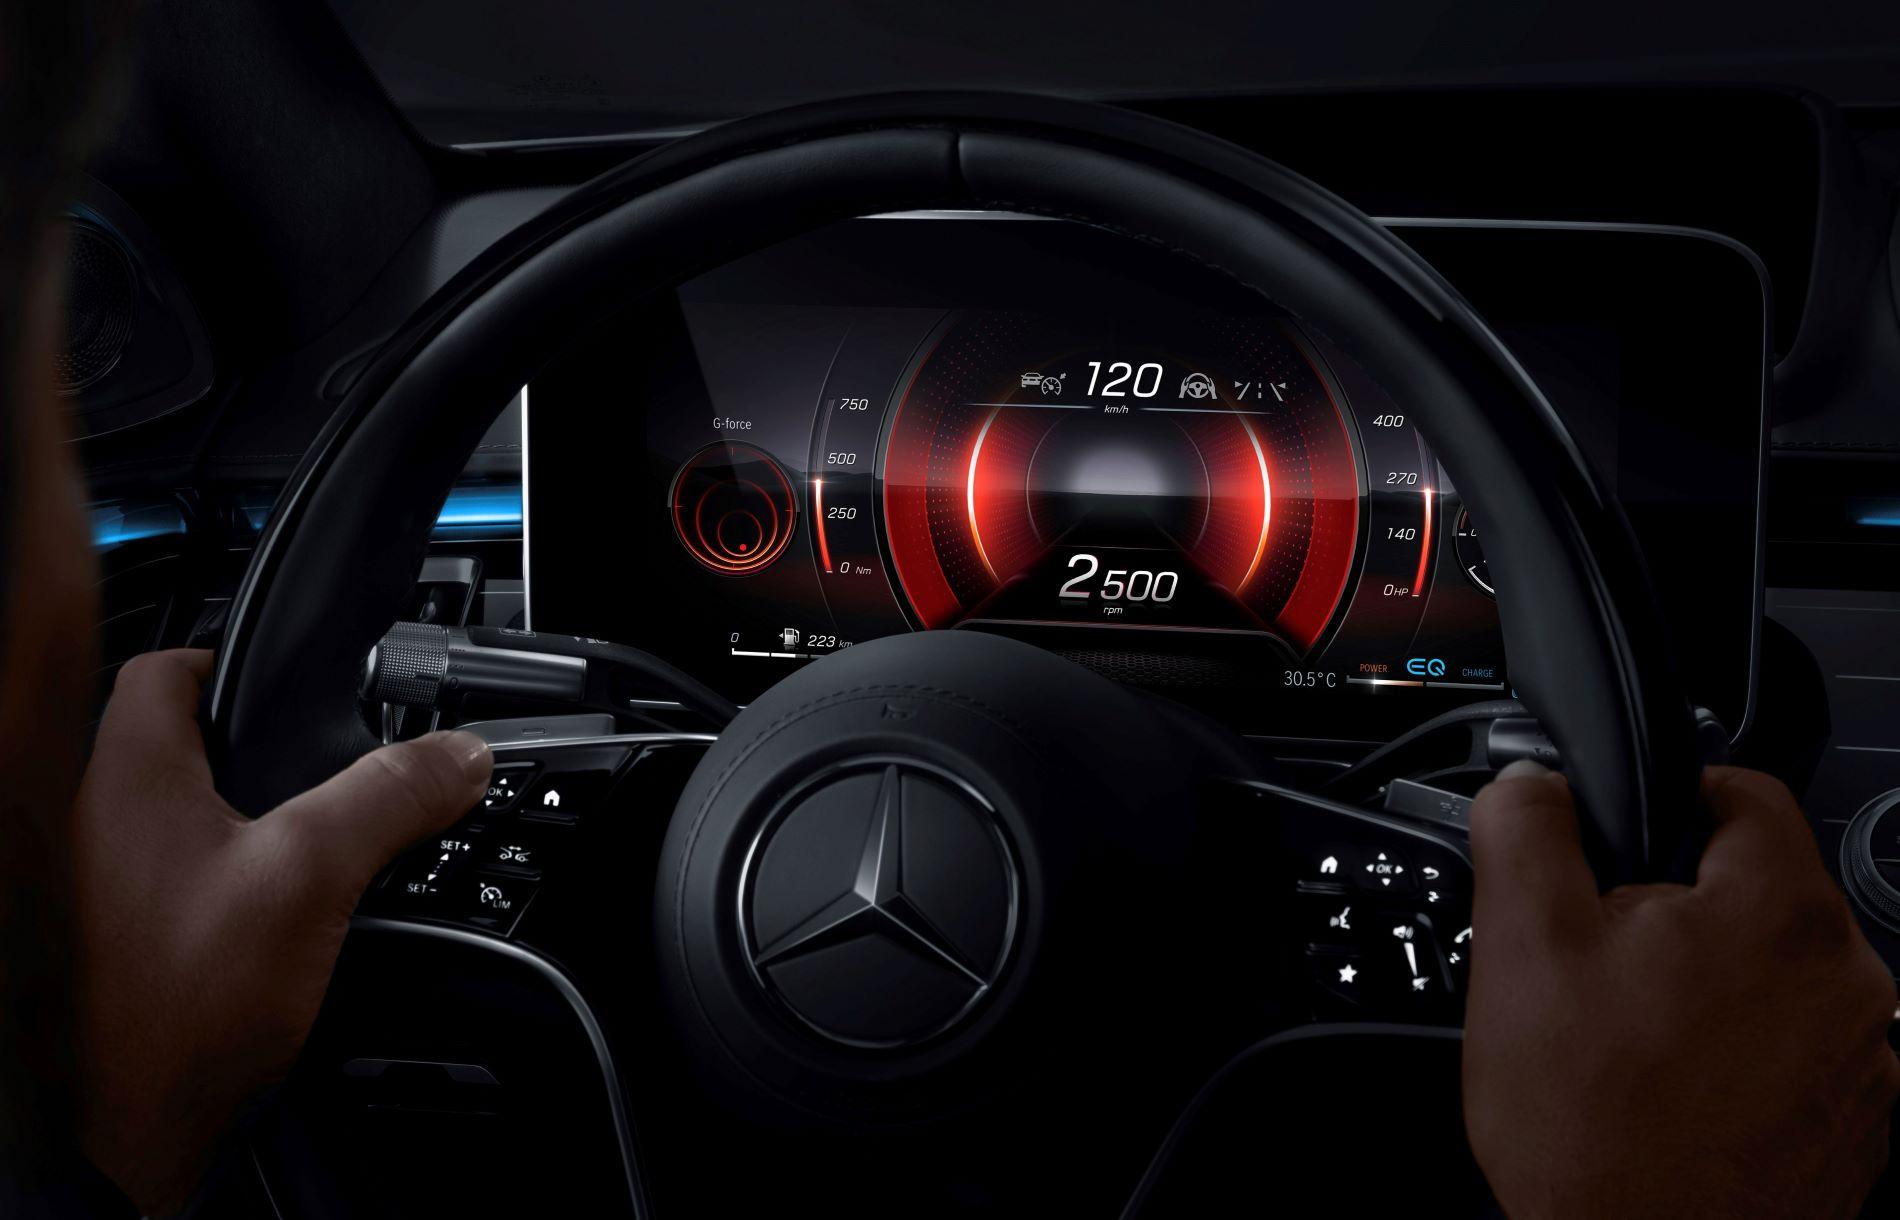 Mercedes Benz S Class Driving Wheel